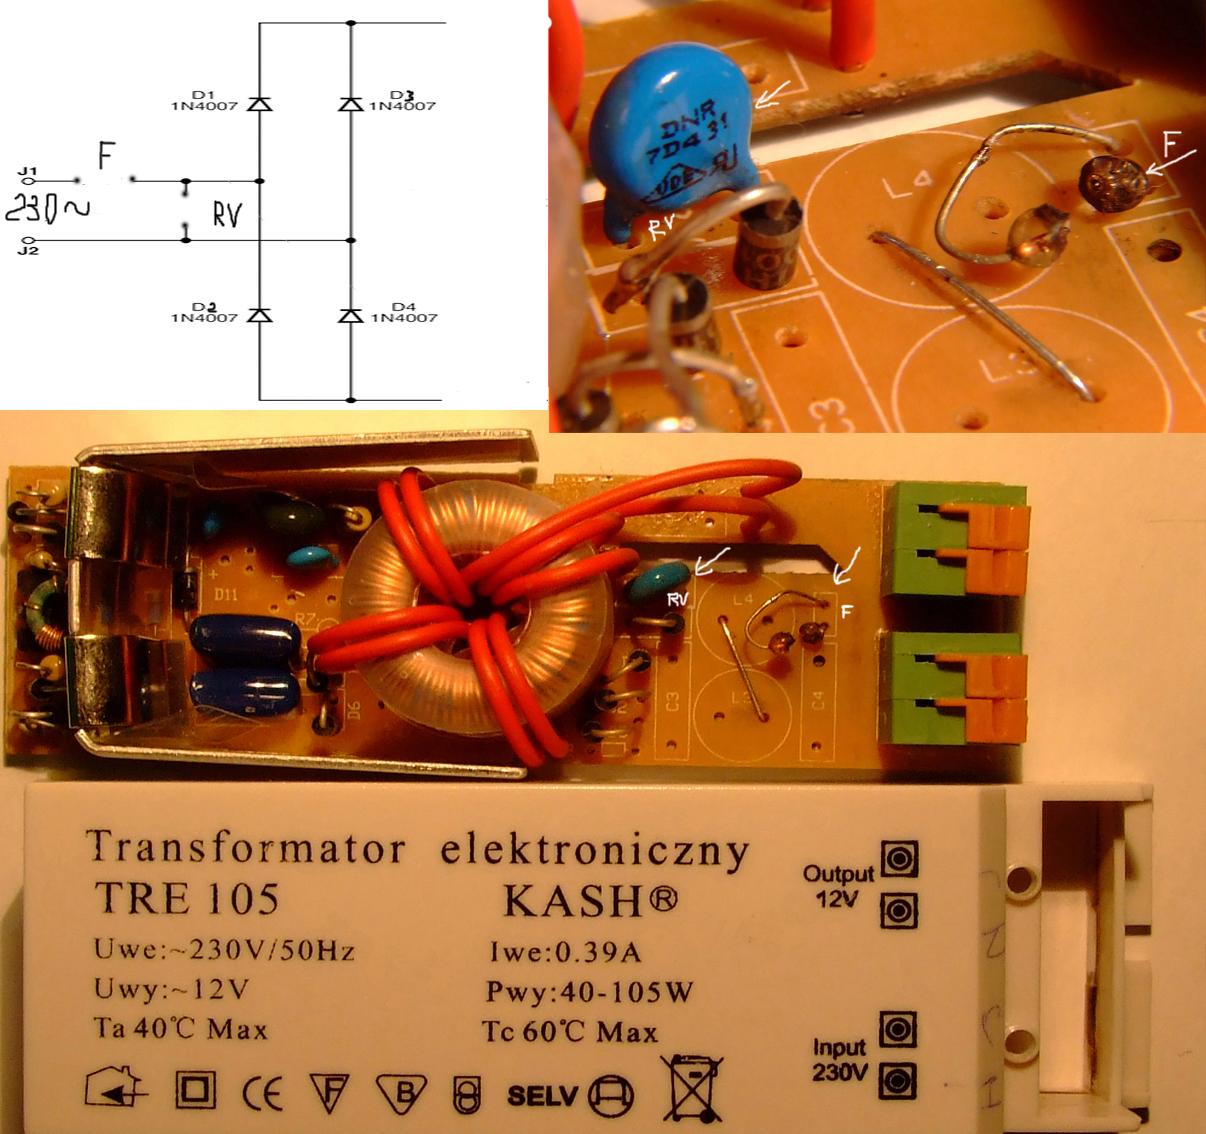 Transformator elektroniczny TRE 105 KASH 40-105 W - naprawa